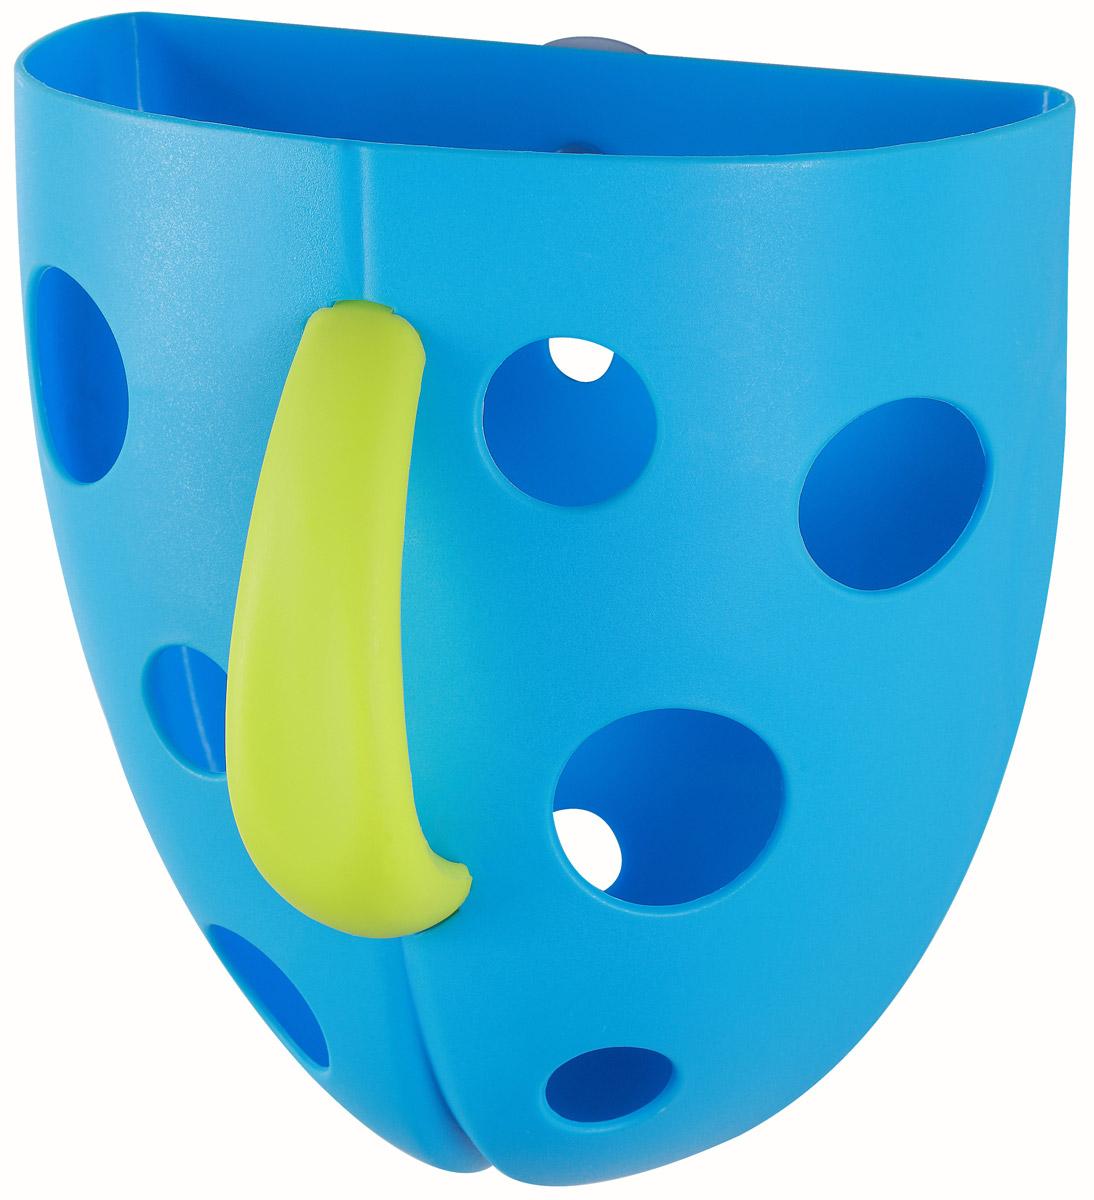 BabyOno Контейнер для игры в ванной цвет голубой салатовый262_голубой/салатовыйКонтейнер для игры в ванной BabyOno - это отличный гибрид детской игрушки и изделия, полезного для родителей. Контейнер сделает купание более приятным для ребенка, поможет вылавливать игрушки, из воды и переливать пену. В комплект входит присоска, благодаря которой контейнер можно прикрепить к стене в ванной комнате. После купания игрушки можно прополоскать и положить сушиться в контейнер. Благодаря отверстиям в контейнере игрушки быстрее сохнут. Не содержит бисфенол А.